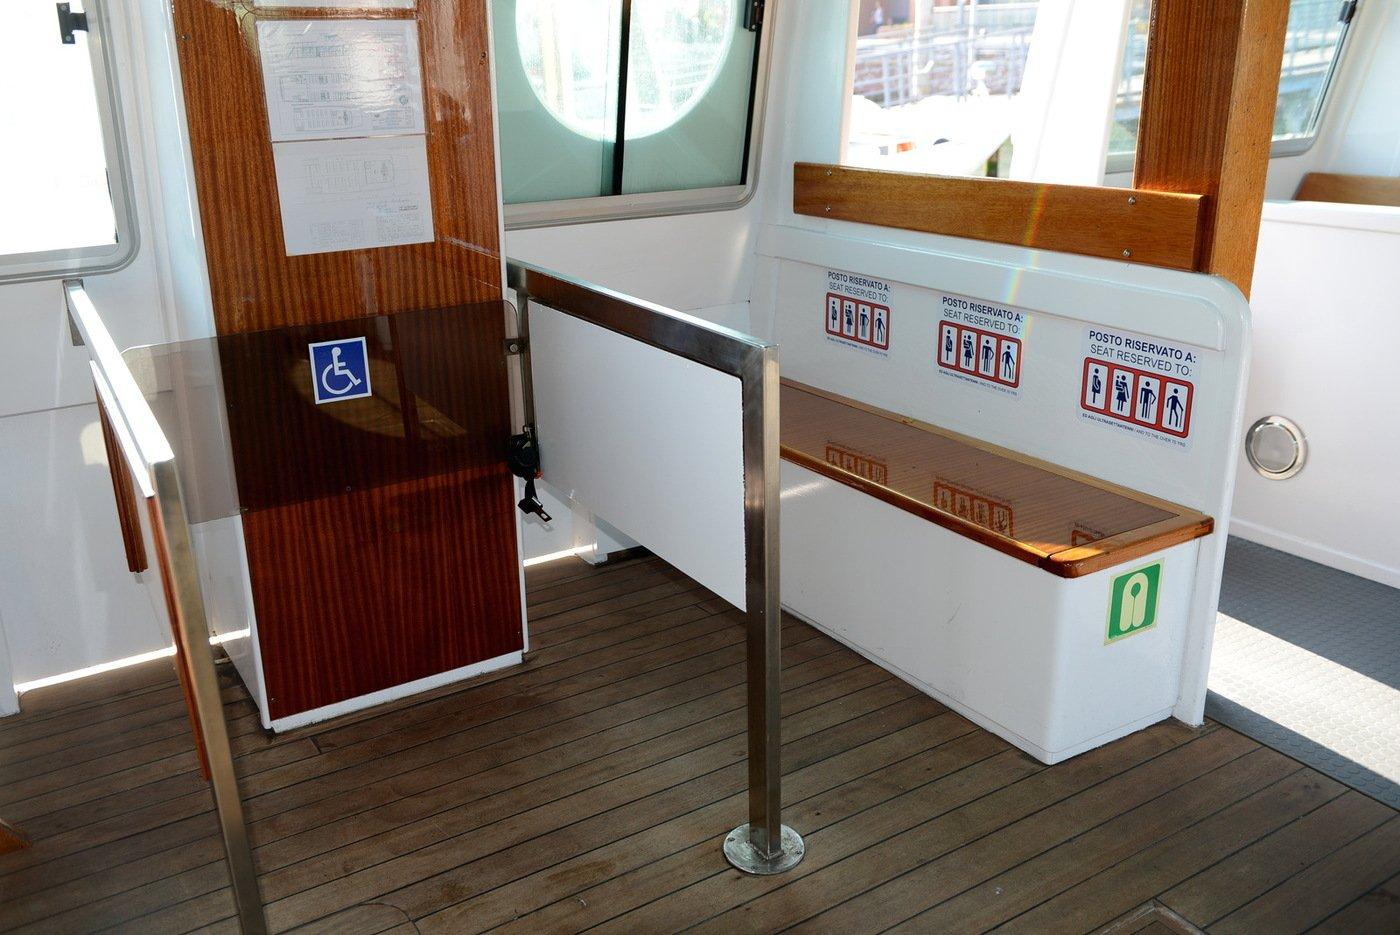 Noleggio con conducente ncc motonave privata per gite for Noleggio cabina invernale